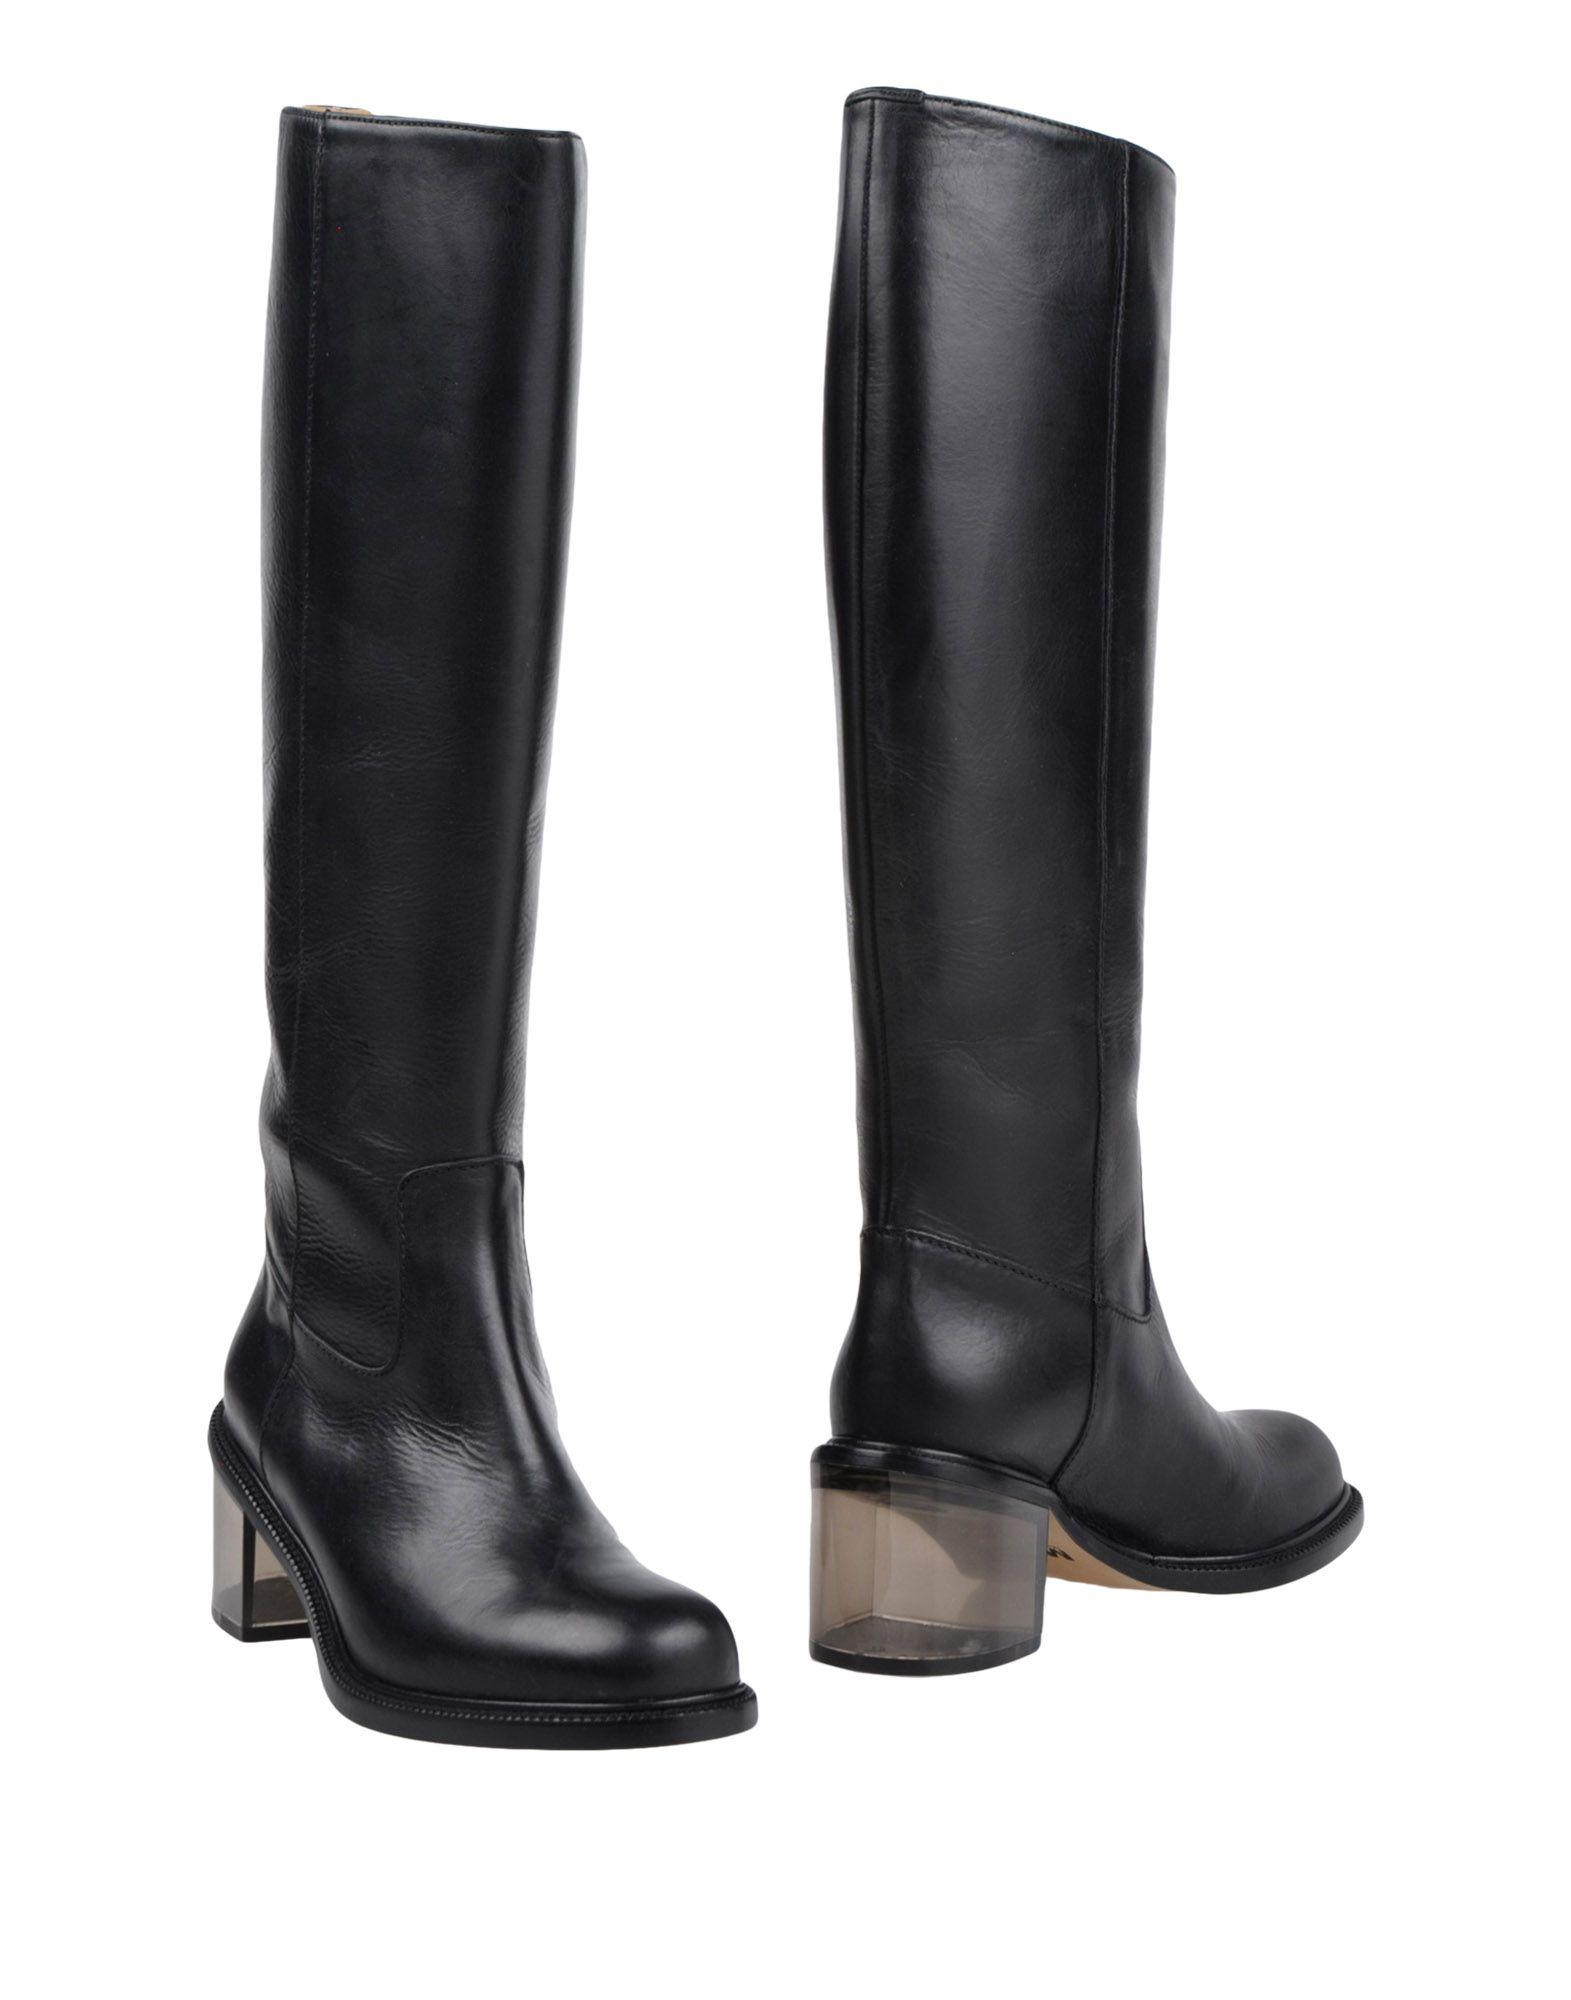 Mm6 Maison Margiela Stiefel Damen  11241292LUGünstige gut aussehende Schuhe